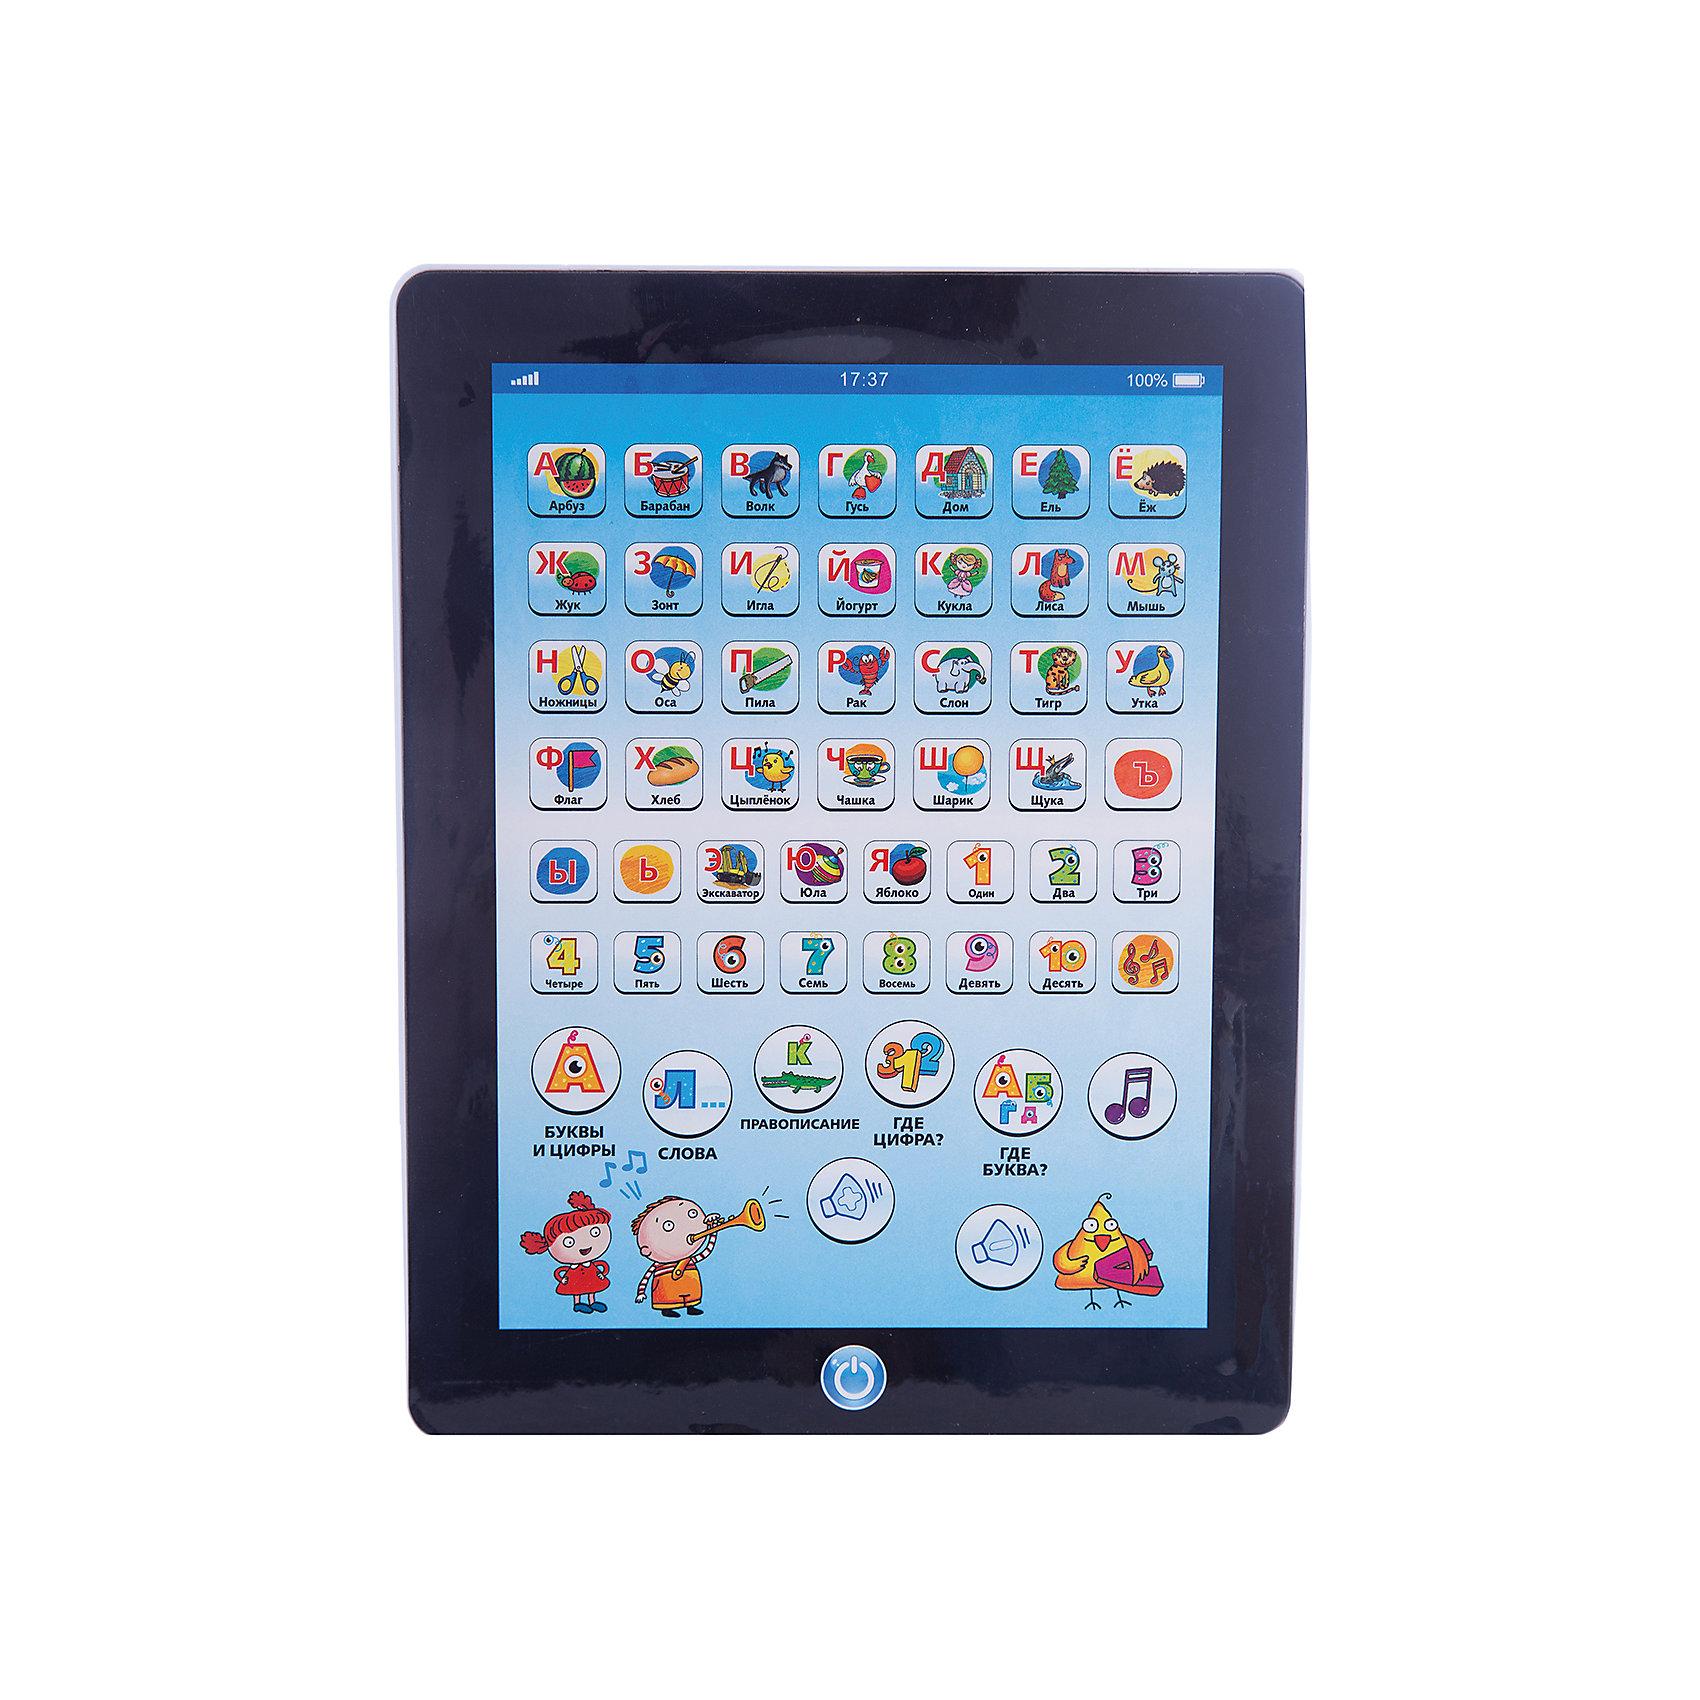 Обучающий планшет 11, Kribly BooДетская электроника<br>Дети обожают гаджеты и новые технологии.  С помощью этого простого и понятного планшета малыш сможет получить первоначальные навыки о цифрах и буквах, развить внимание и память, делая это в игровой, интересной форме. Планшет включает в себя 6 режимов игры: буквы и цифры, слова, правописание, проверка знания букв, проверка знания цифр, музыка.<br><br>Дополнительная информация:<br><br>- Материал: пластик, металл.<br>- Размер упаковки: 19х29х1,8 см.<br>- Звуковые эффекты.<br>- Регулировка звука. <br>- Элемент питания: 3 АА батарейки (не входят в комплект).<br>- 6 режимов. <br>- Язык: русский.<br><br>Обучающий планшет 11, Kribly Boo (Крибли Бу), можно купить в нашем магазине.<br><br>Ширина мм: 186<br>Глубина мм: 290<br>Высота мм: 18<br>Вес г: 271<br>Возраст от месяцев: 36<br>Возраст до месяцев: 84<br>Пол: Унисекс<br>Возраст: Детский<br>SKU: 4515330